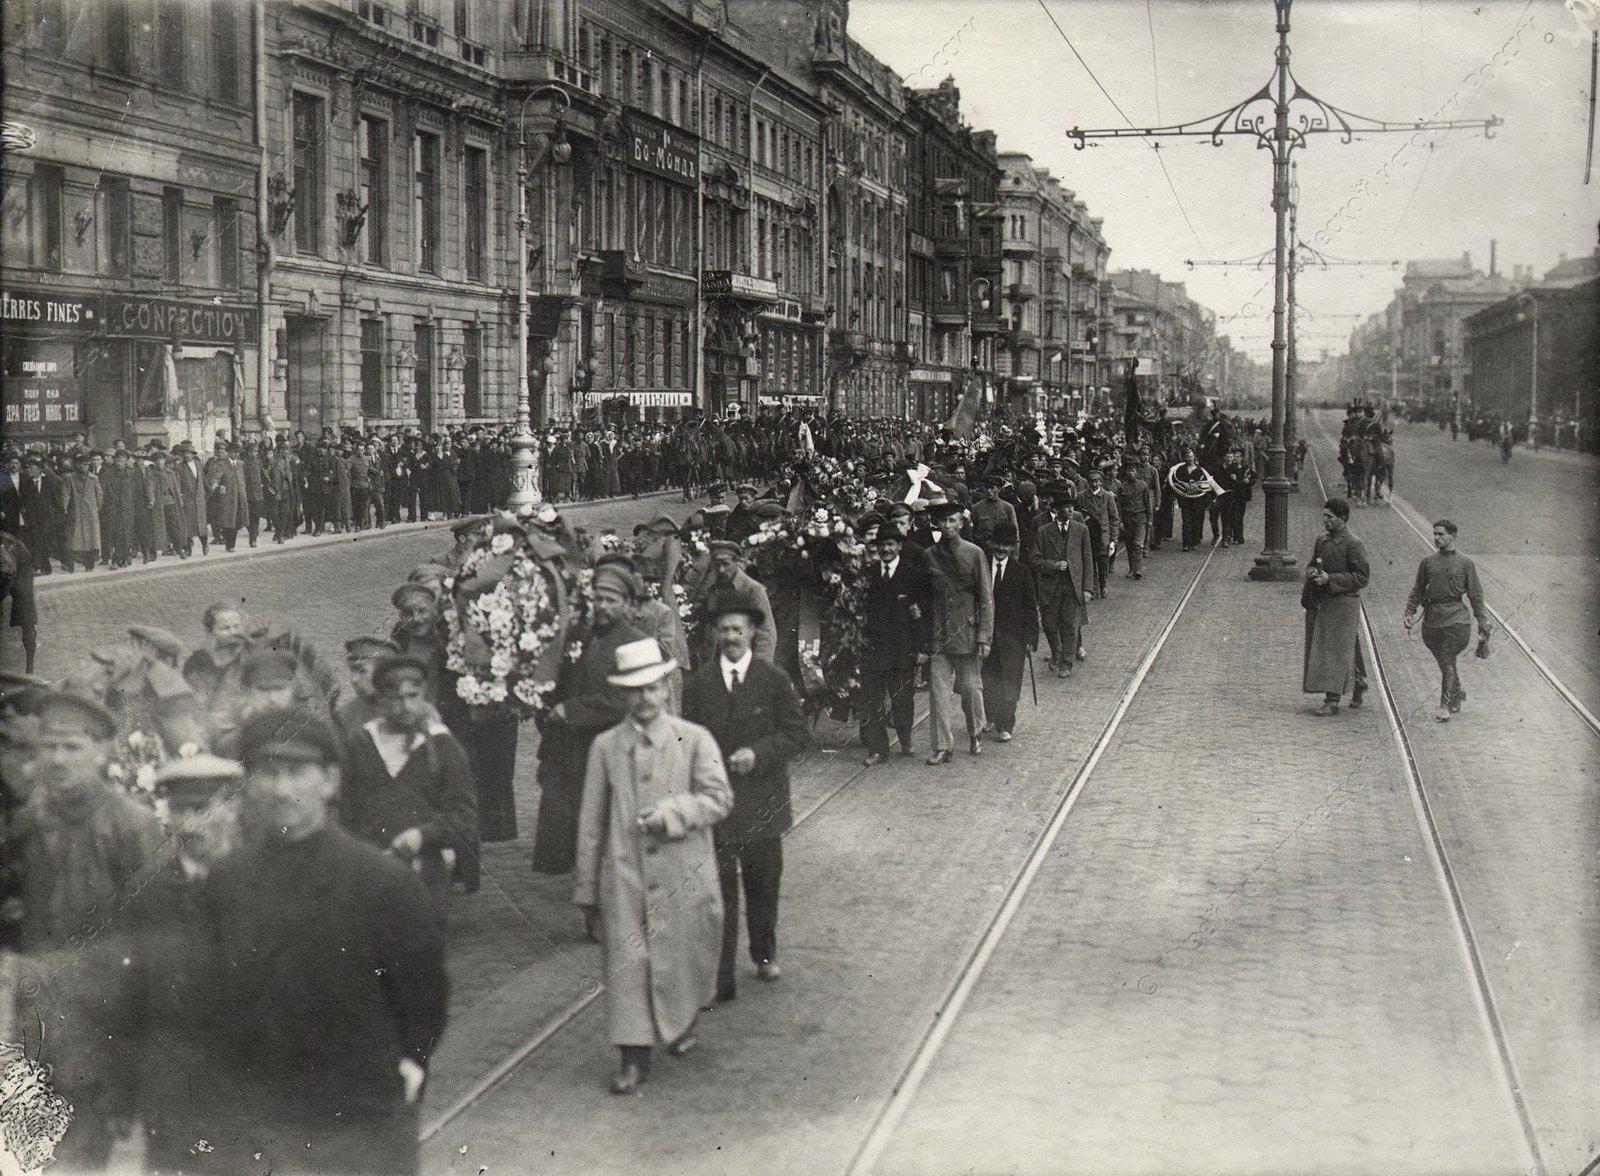 1918. Похороны Урицкого М.С., председателя Петроградского ЧК.